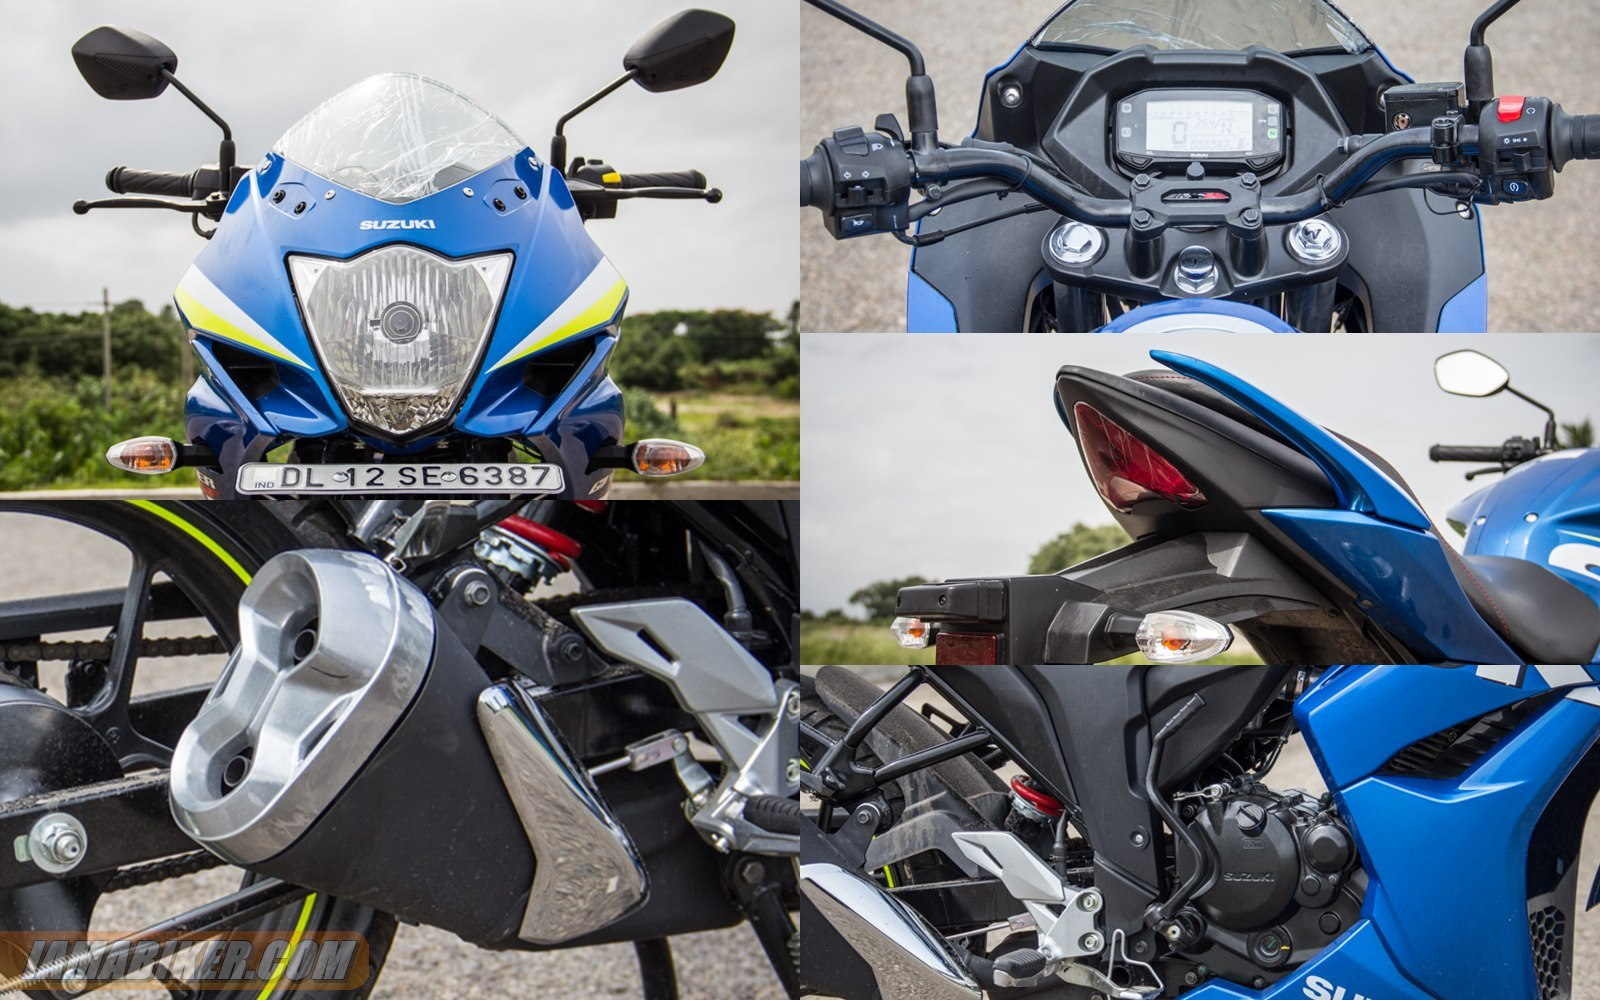 Suzuki Gixxer SF review key features and VFM